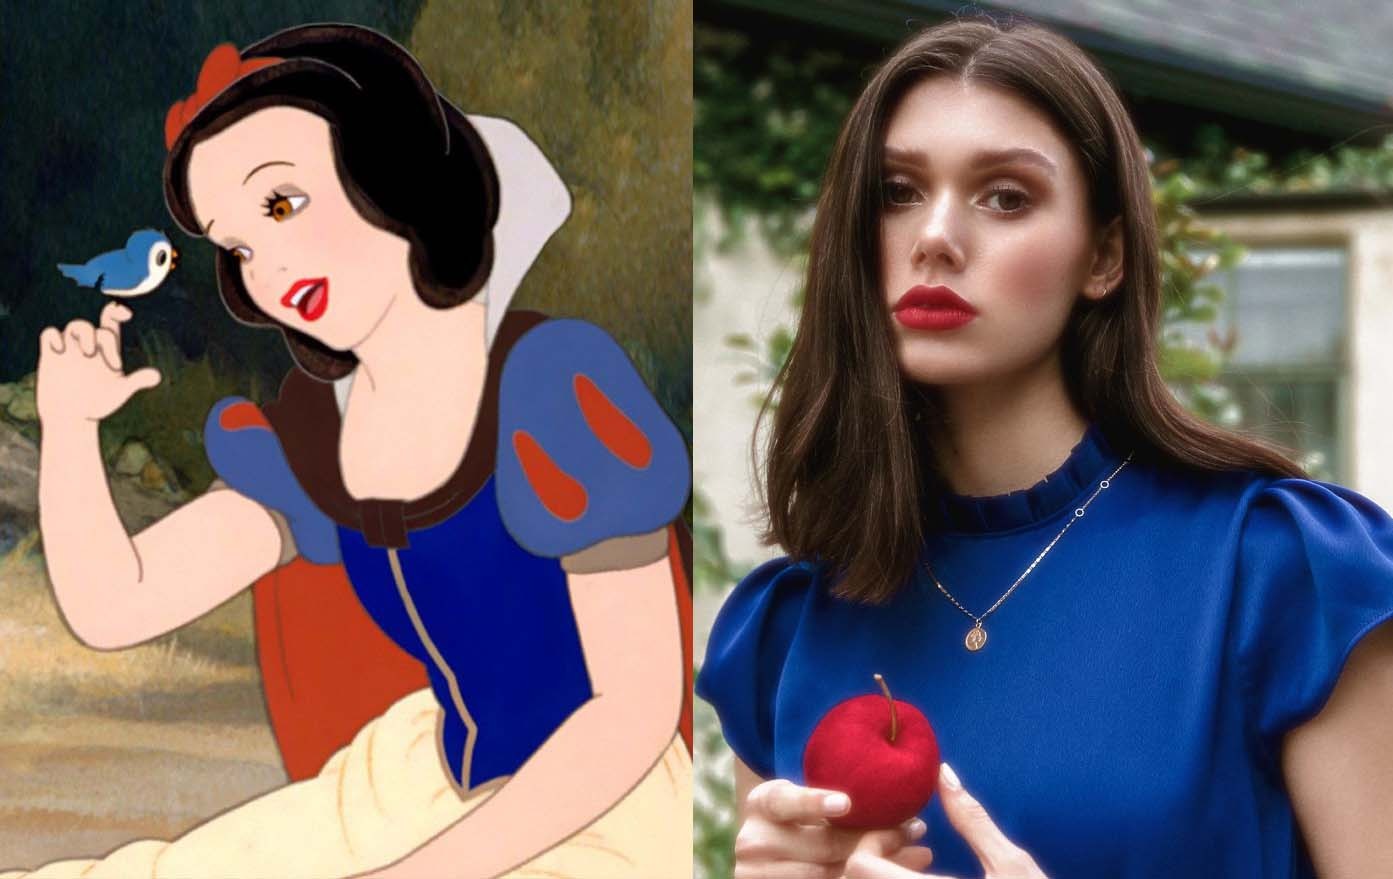 Come sarebbero le principesse Disney se fossero ragazze reali nel 2019